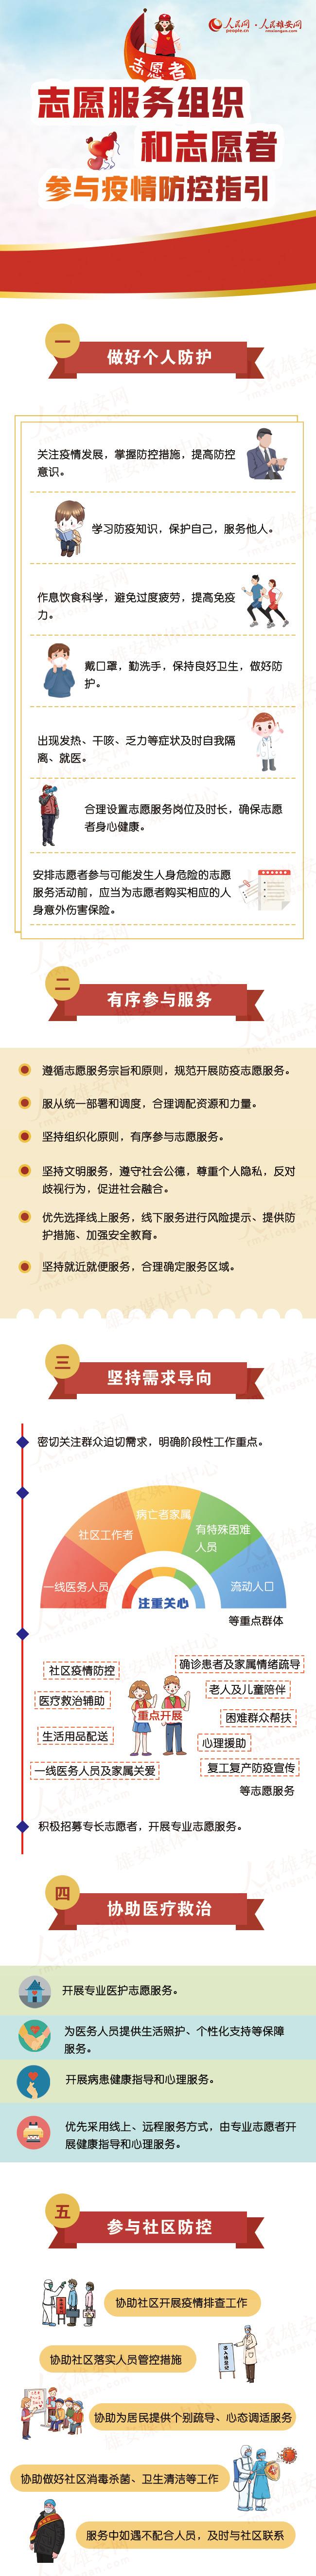 志�服�战M�和(he)志�者如(ru)何�⑴c疫情(qing)防控?指引�砹�(liao)!